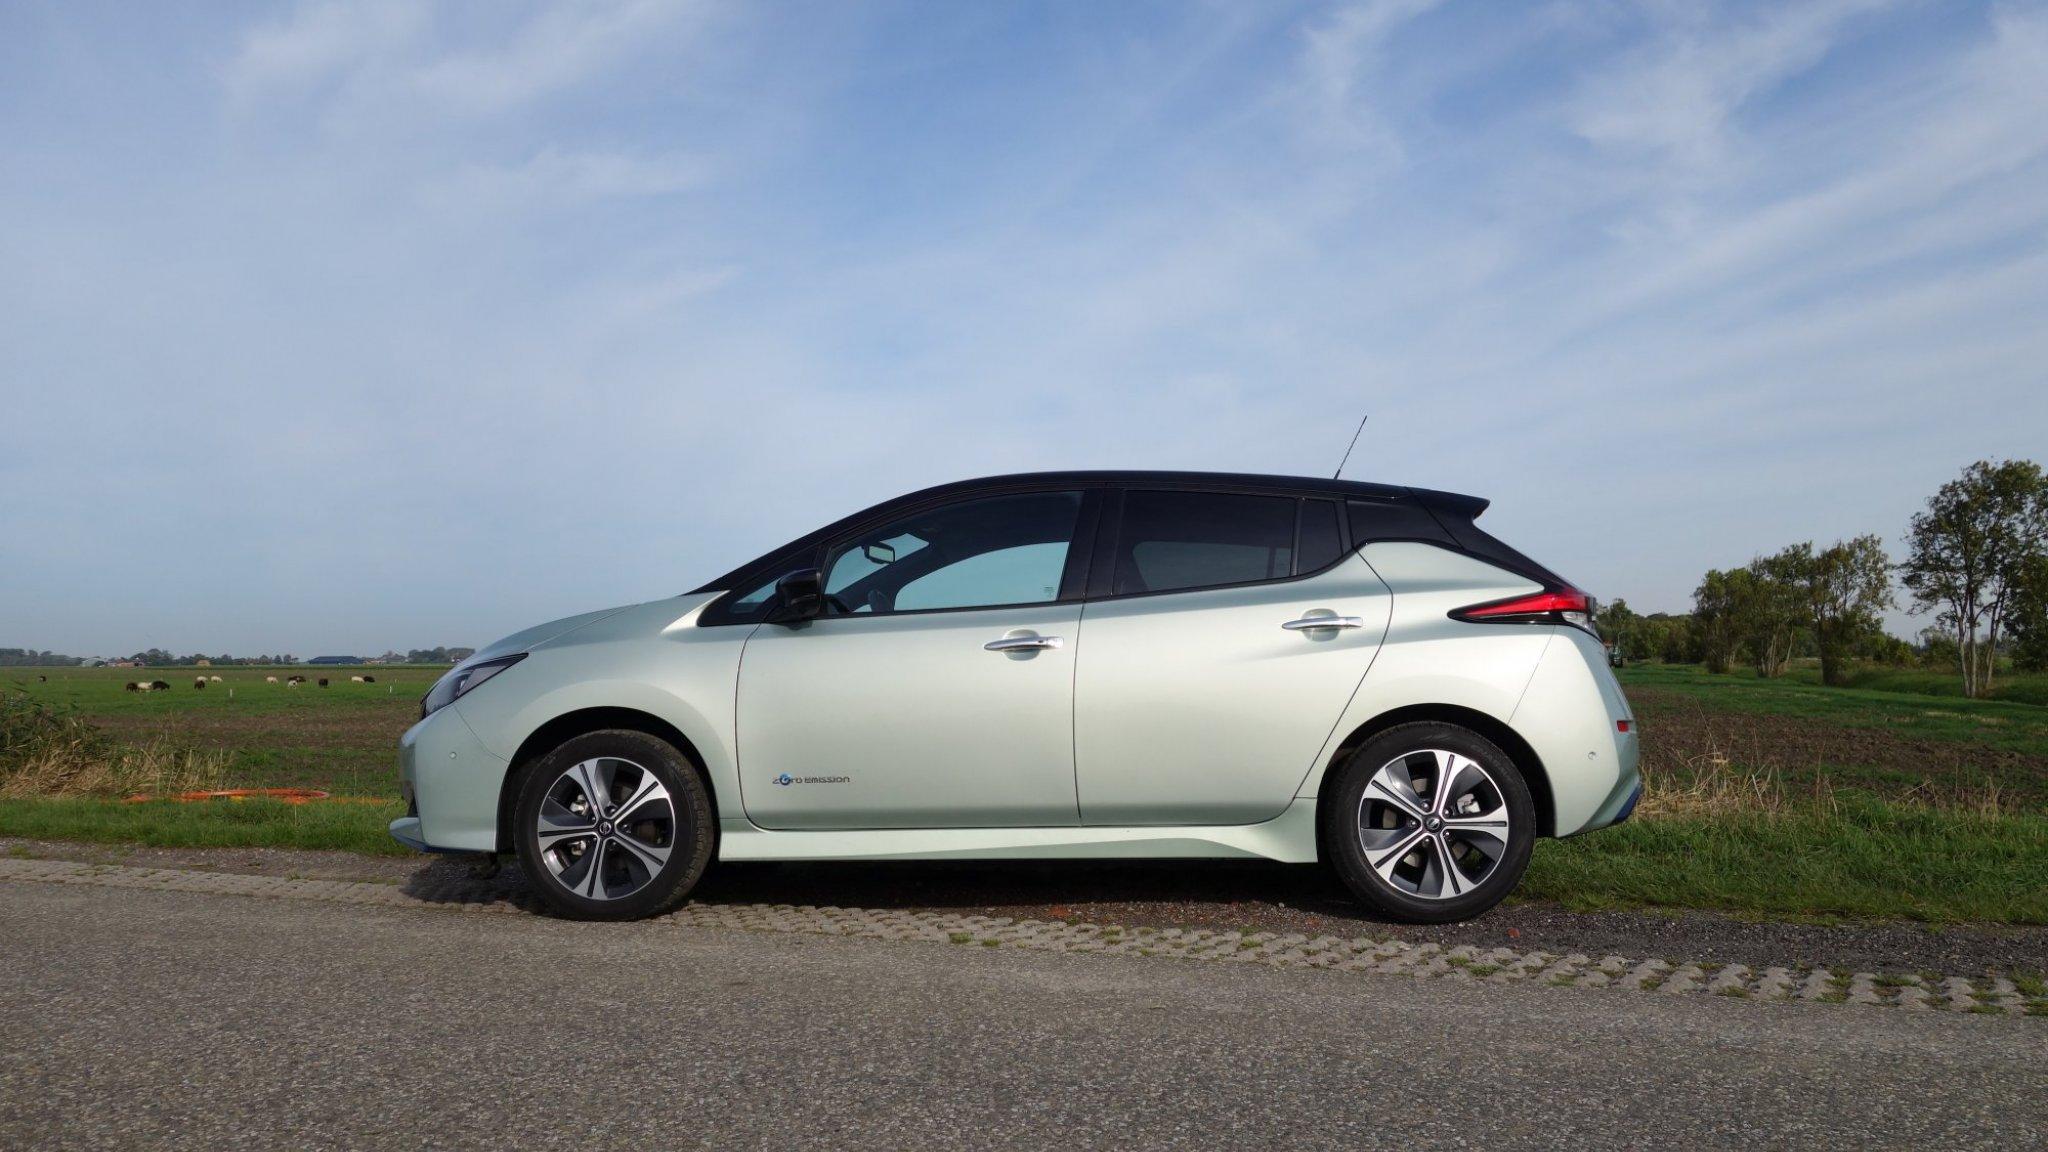 Duurtest Nissan Leaf E Net Niet De Beste Keus Rtl Nieuws